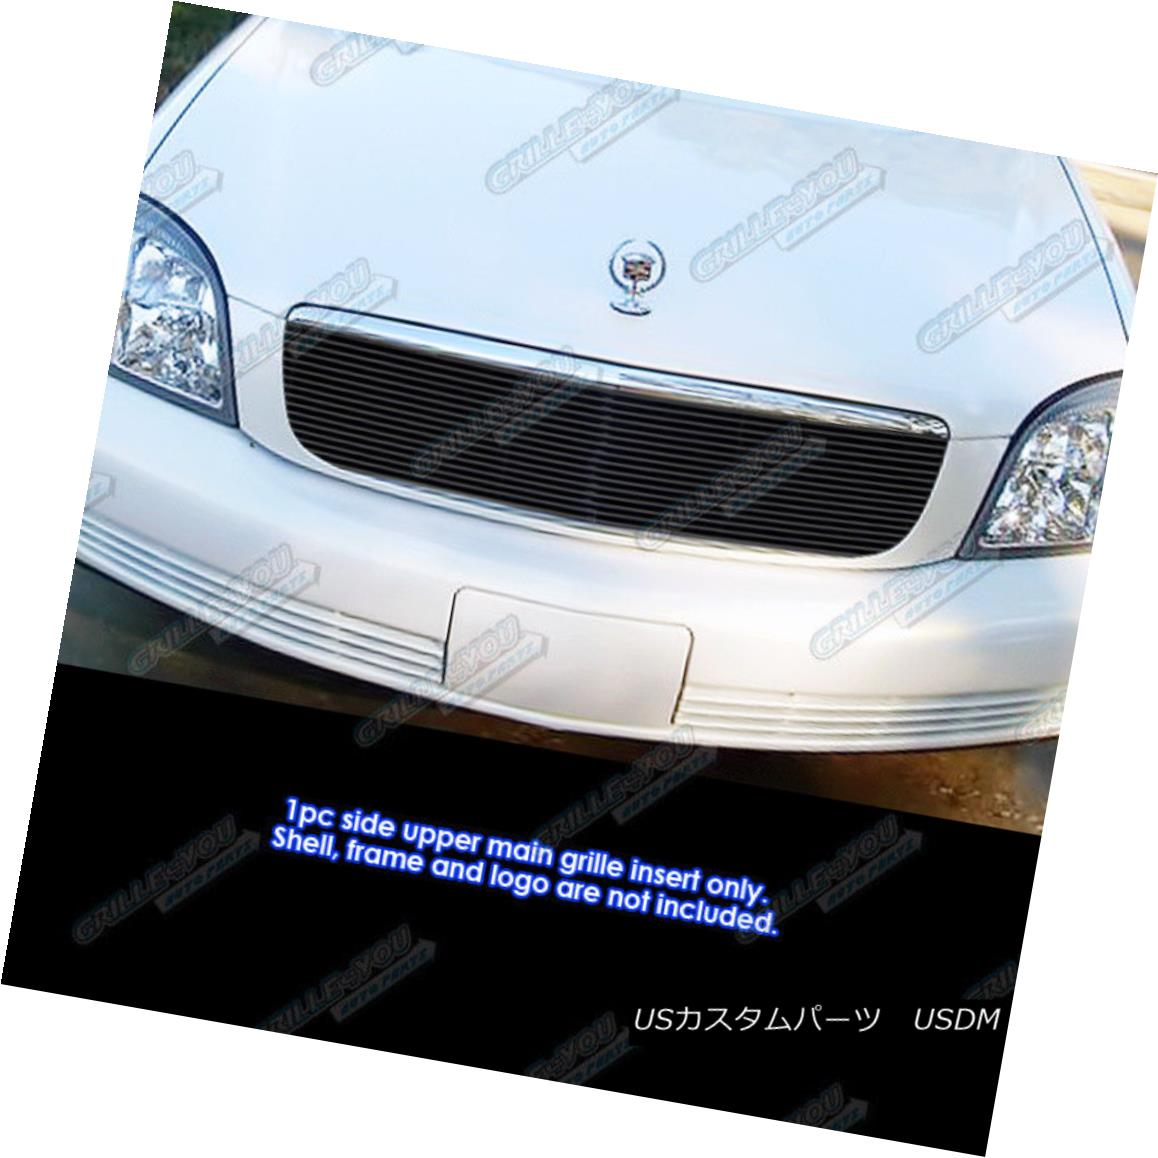 グリル Fits 2000-2005 Cadillac DeVille Black Billet Grille Insert 2000-2005 Cadillac DeVille Black Billet Grille Insertに適合